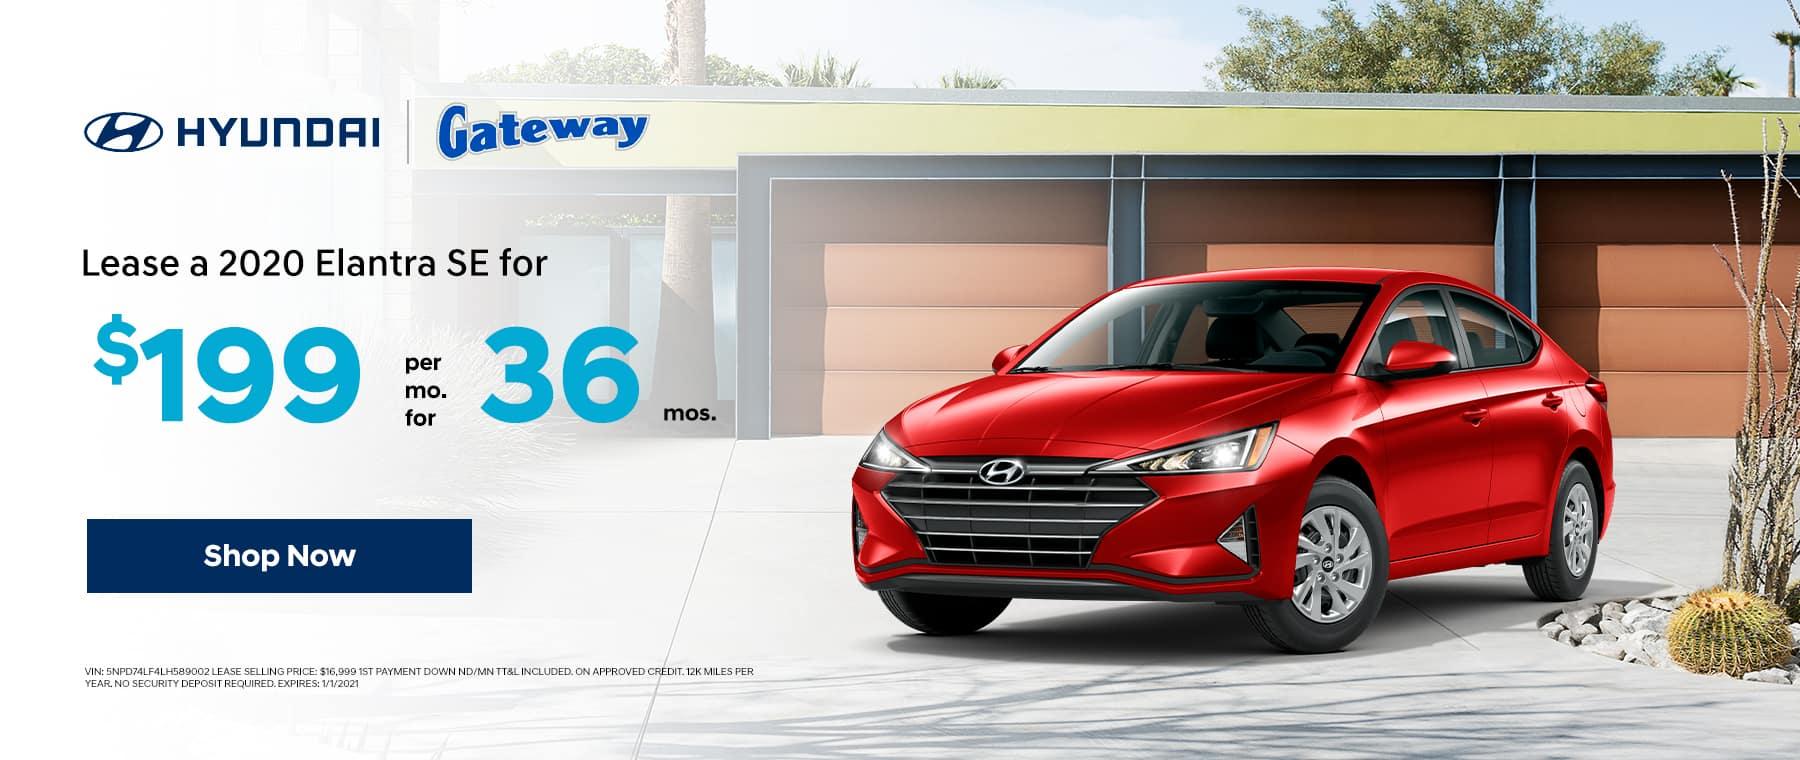 GatewayAutomotive_SL_0220_1800x760 (27)